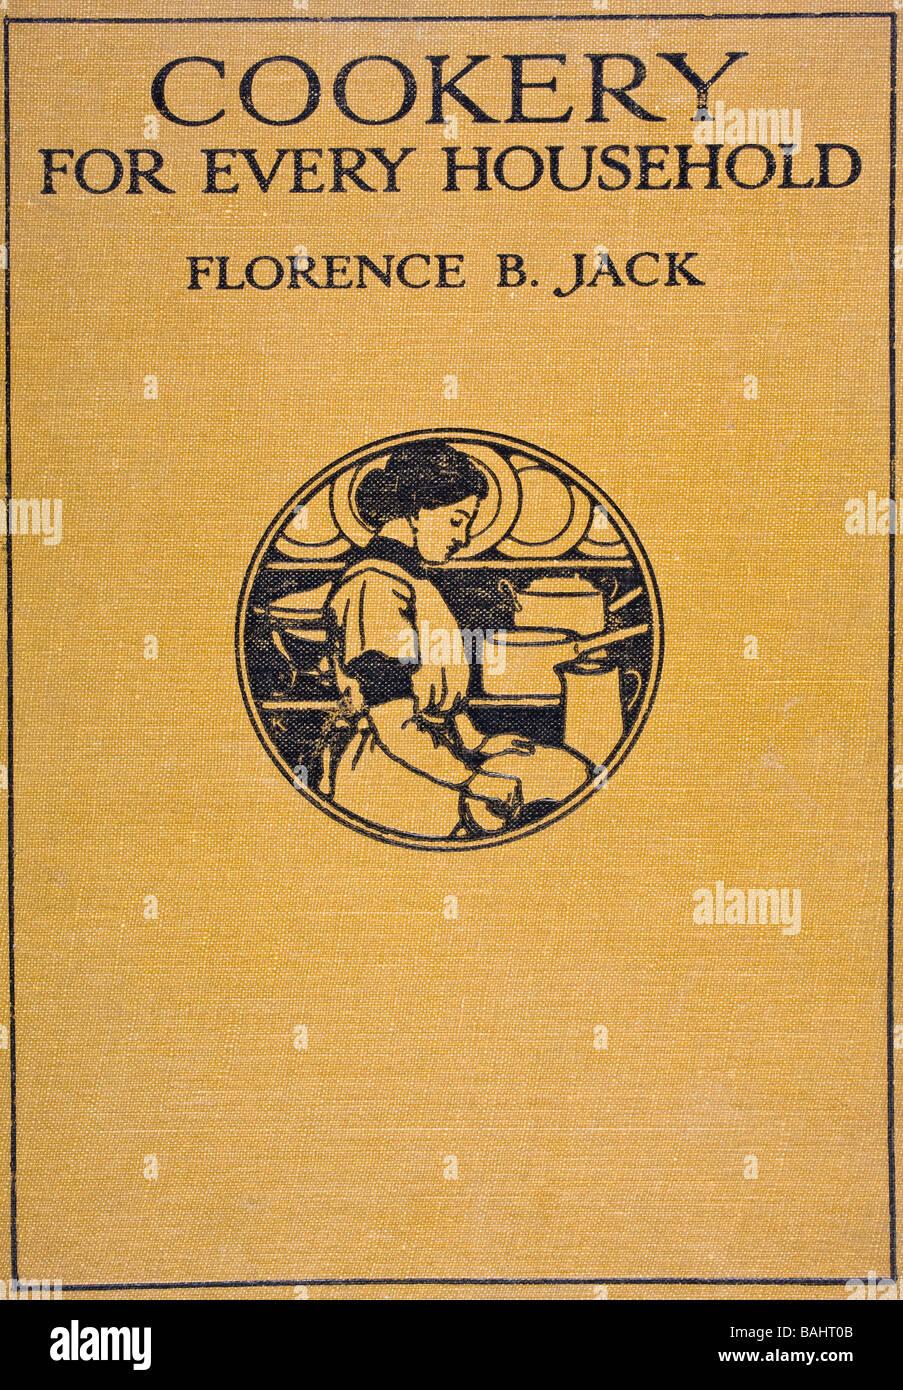 Portada del libro de cocina,para todos los hogares, por Florence B Jack. Publicado por T C E C Jack Ltd, 1924. Imagen De Stock